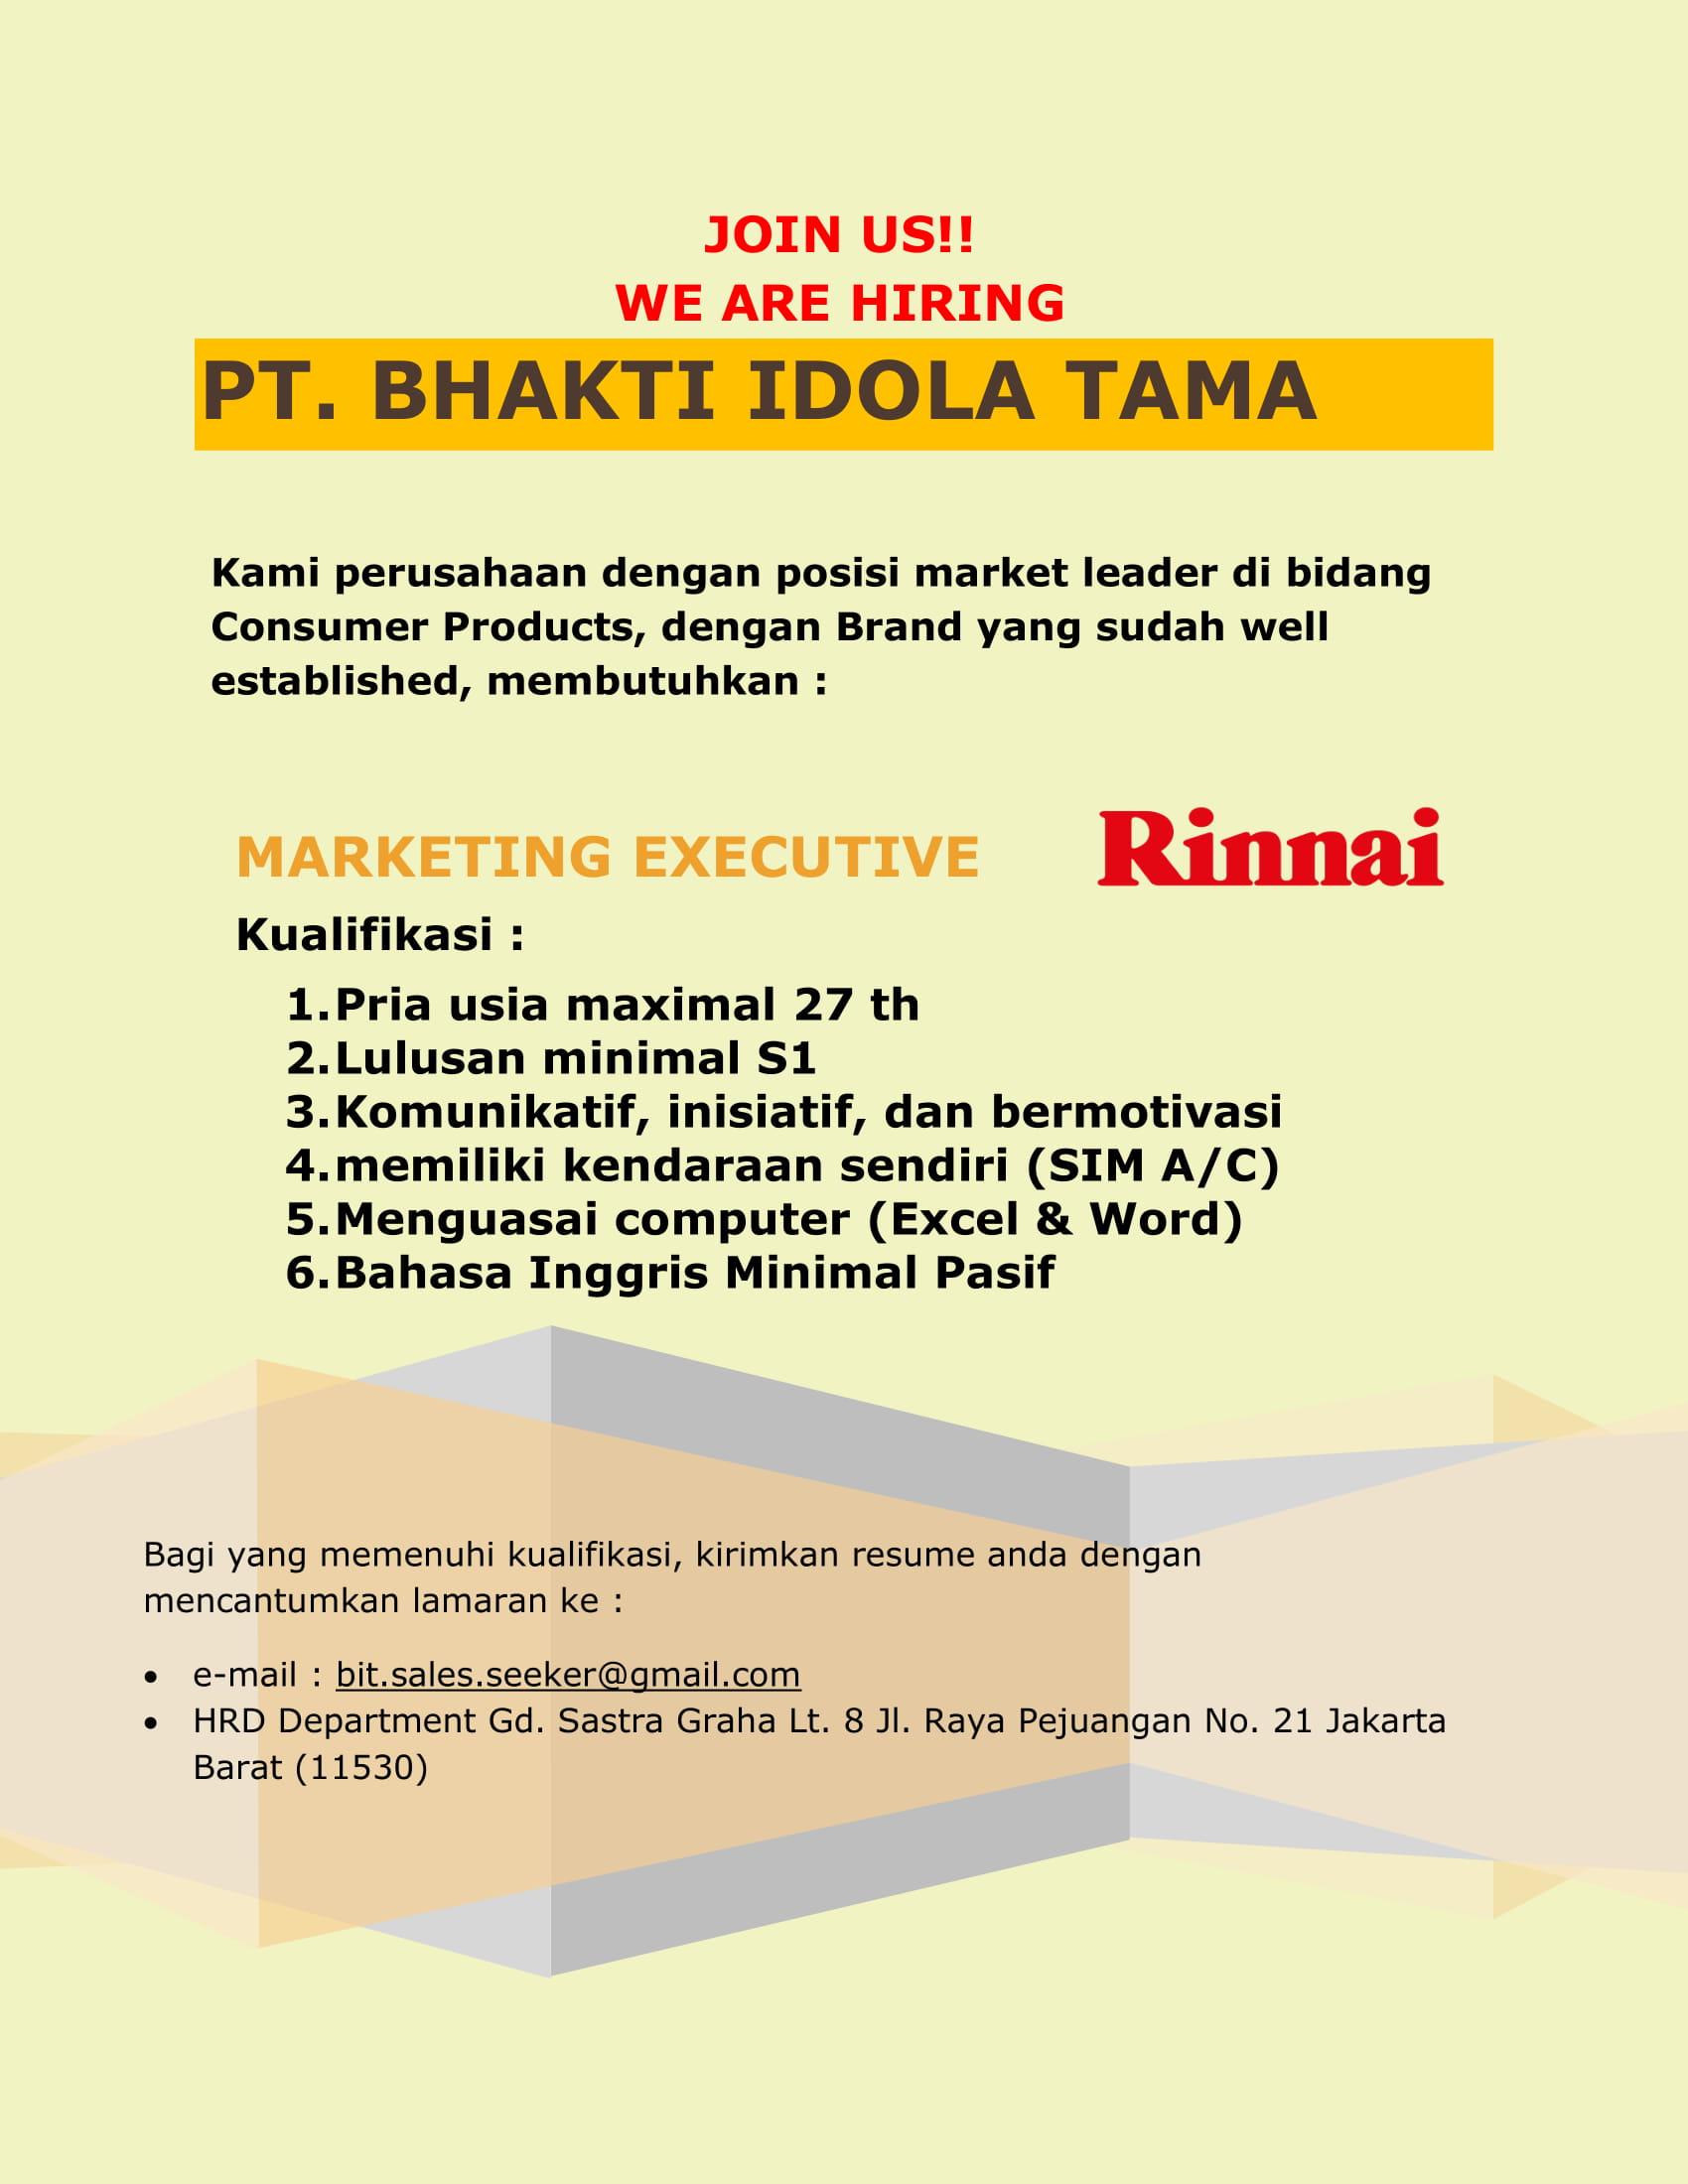 Lowongan Kerja PT. Bhakti Idola Tama